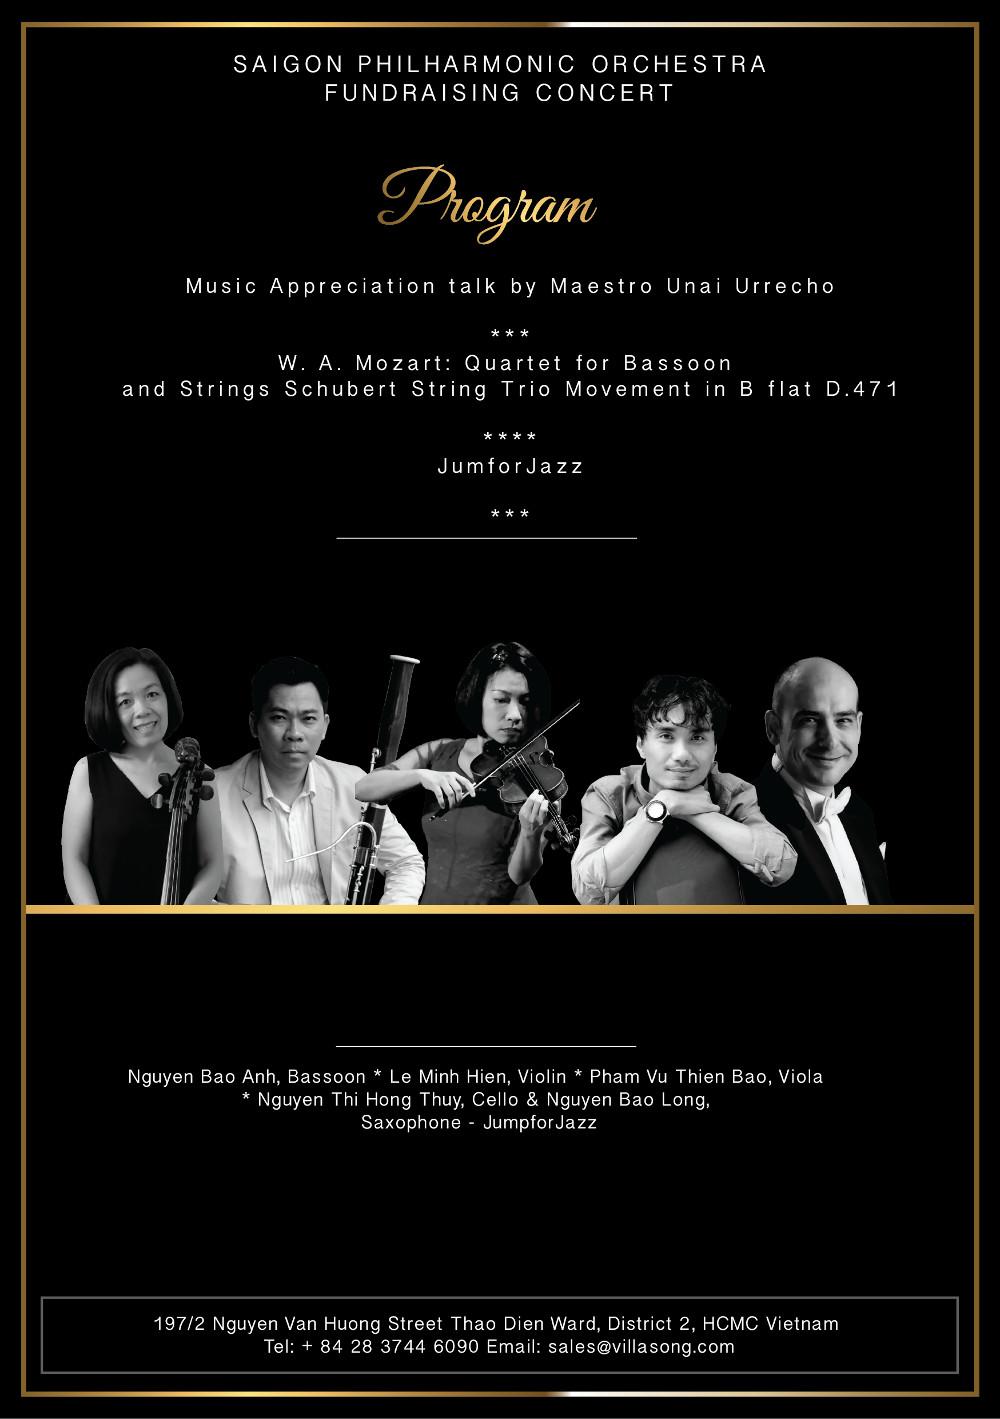 Villa Song Saigon fundraising concert artist